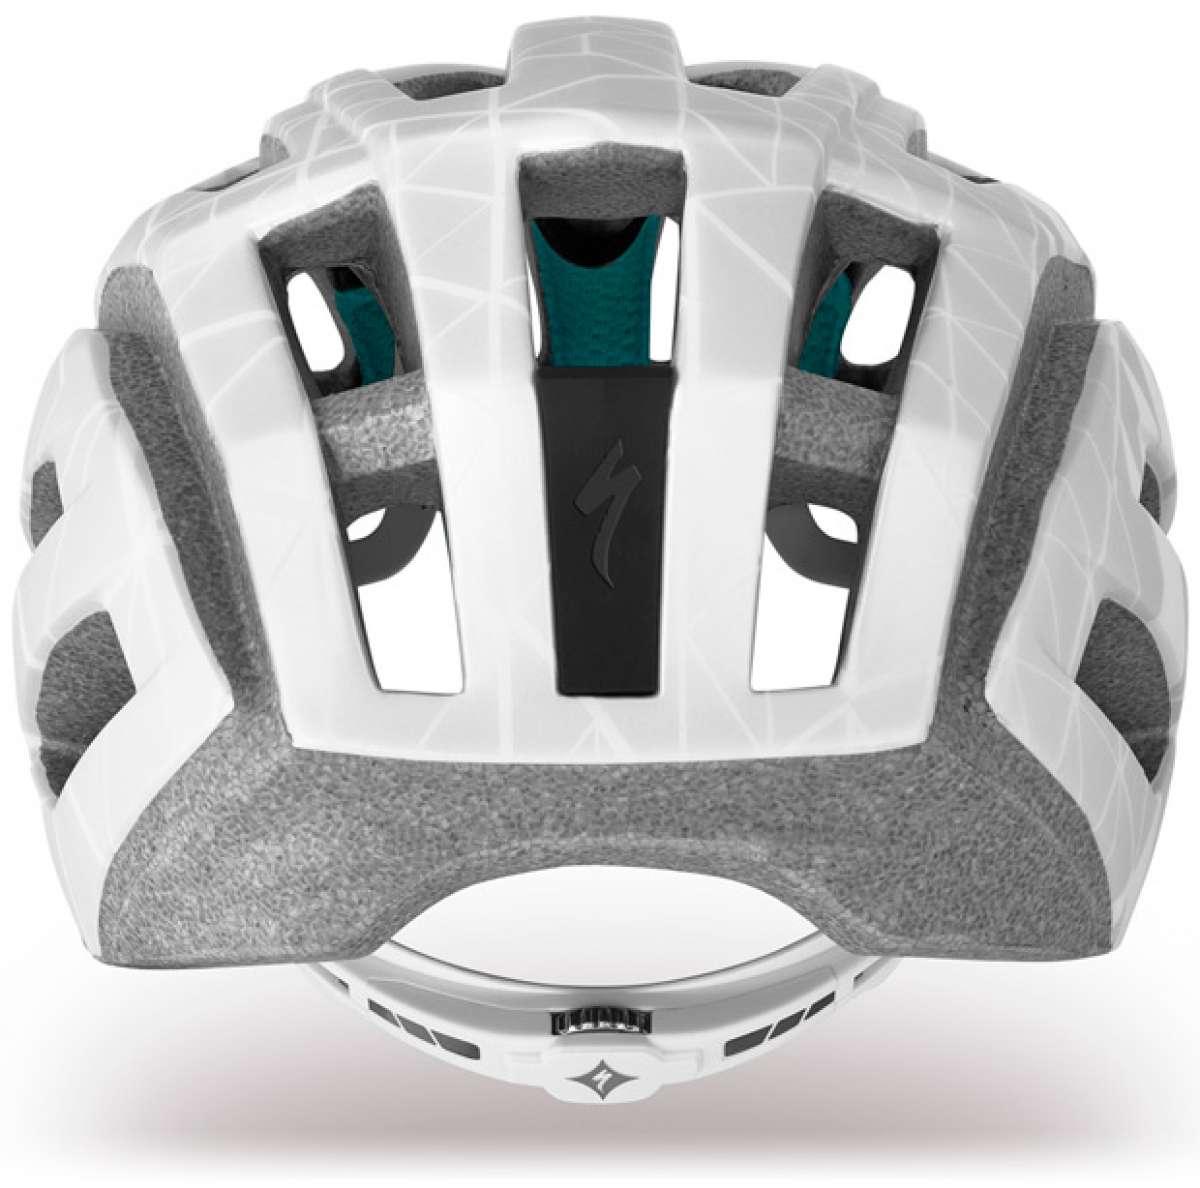 Specialized Andorra, el casco de la firma para ciclistas femeninas